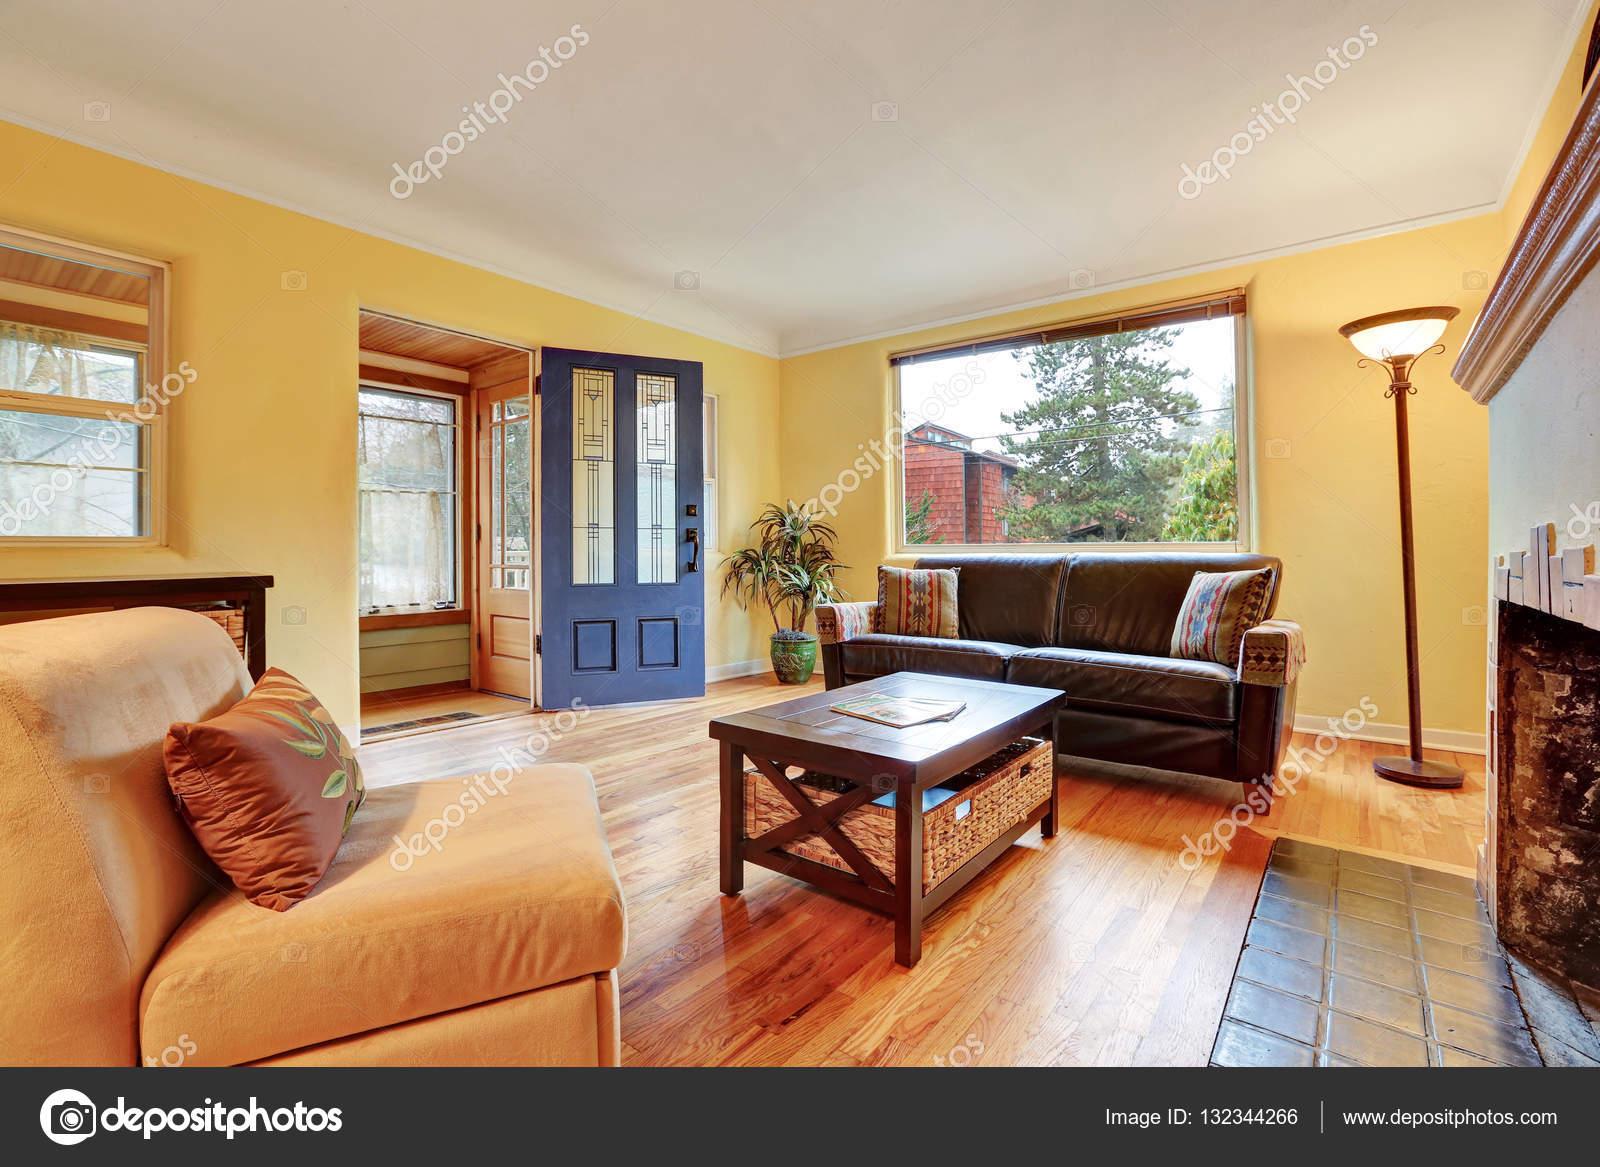 따뜻한 노란색 벽 아늑한 거실 인테리어 — 스톡 사진 #132344266